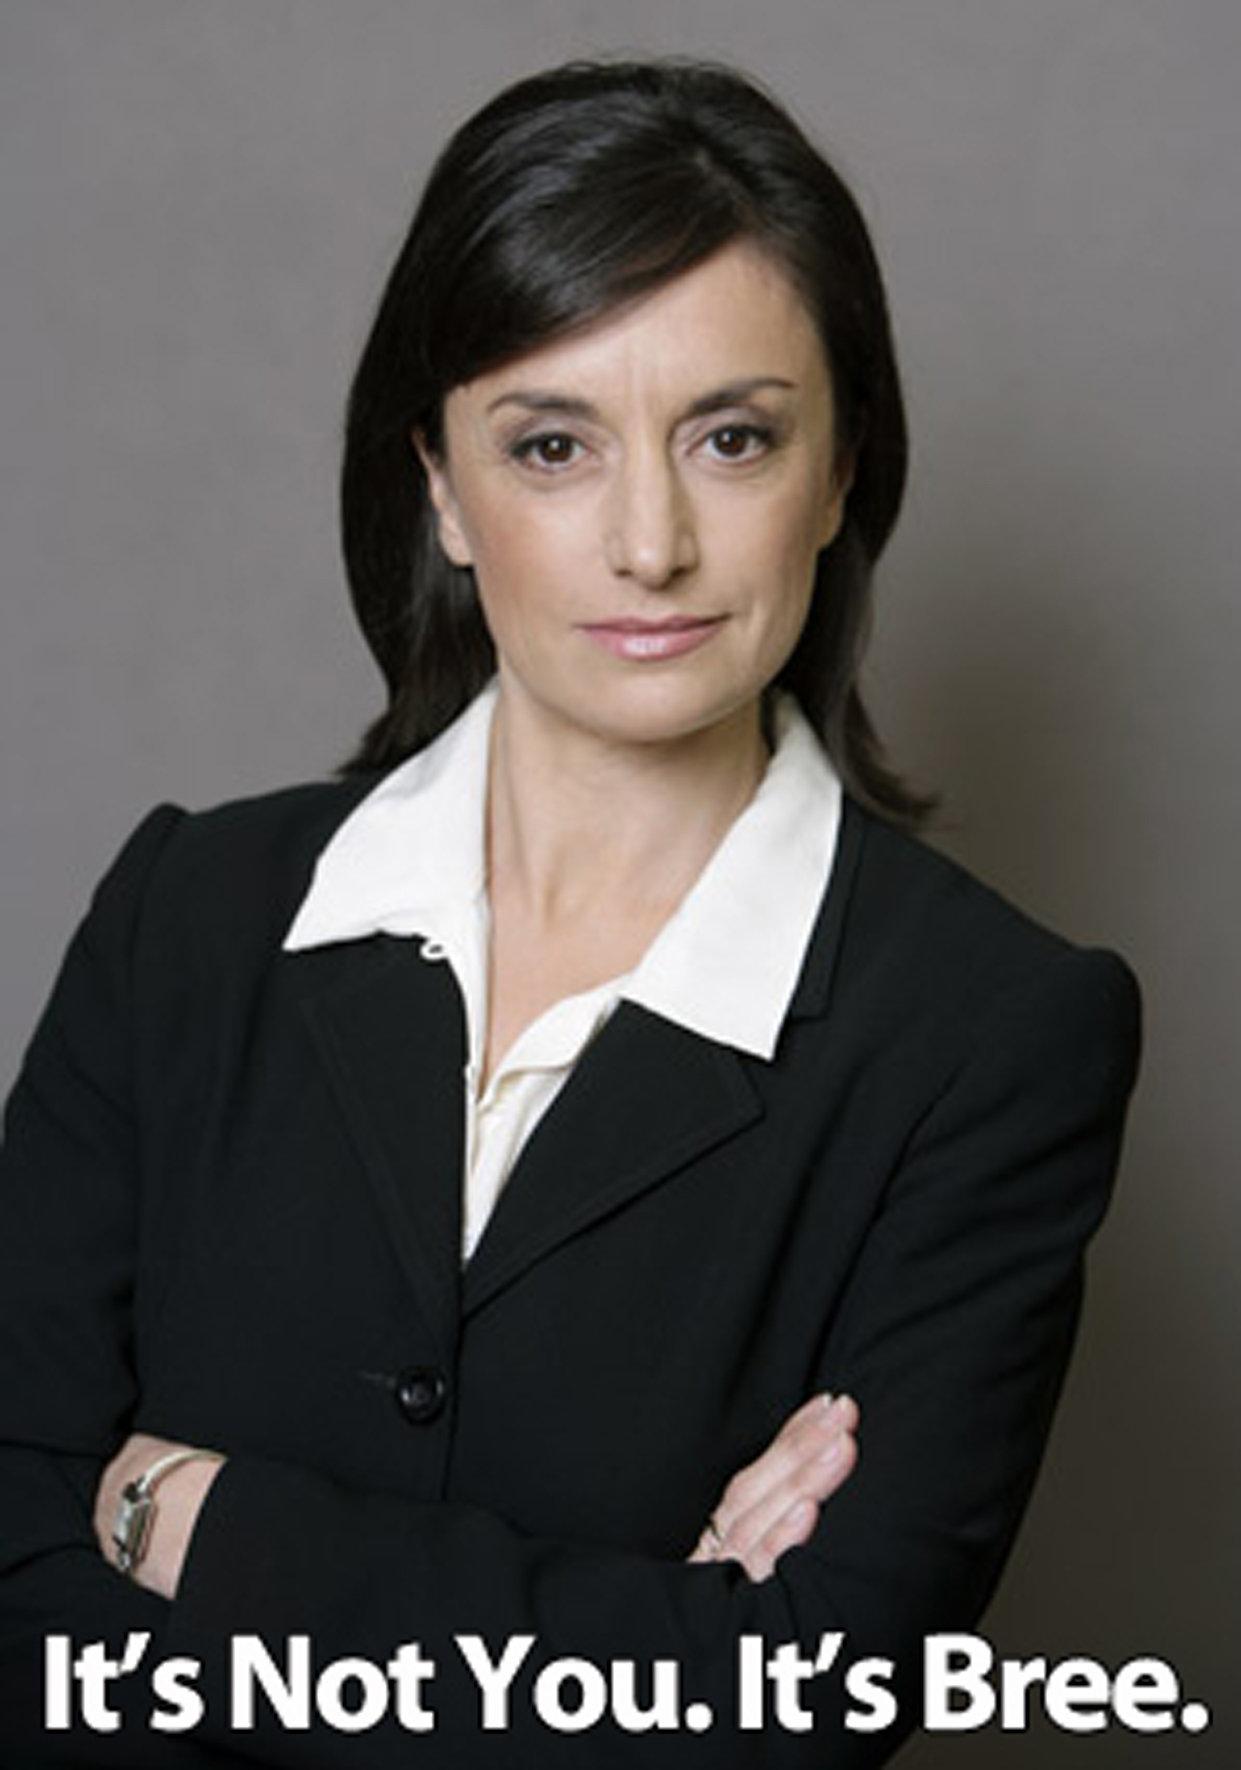 Kath Gordon